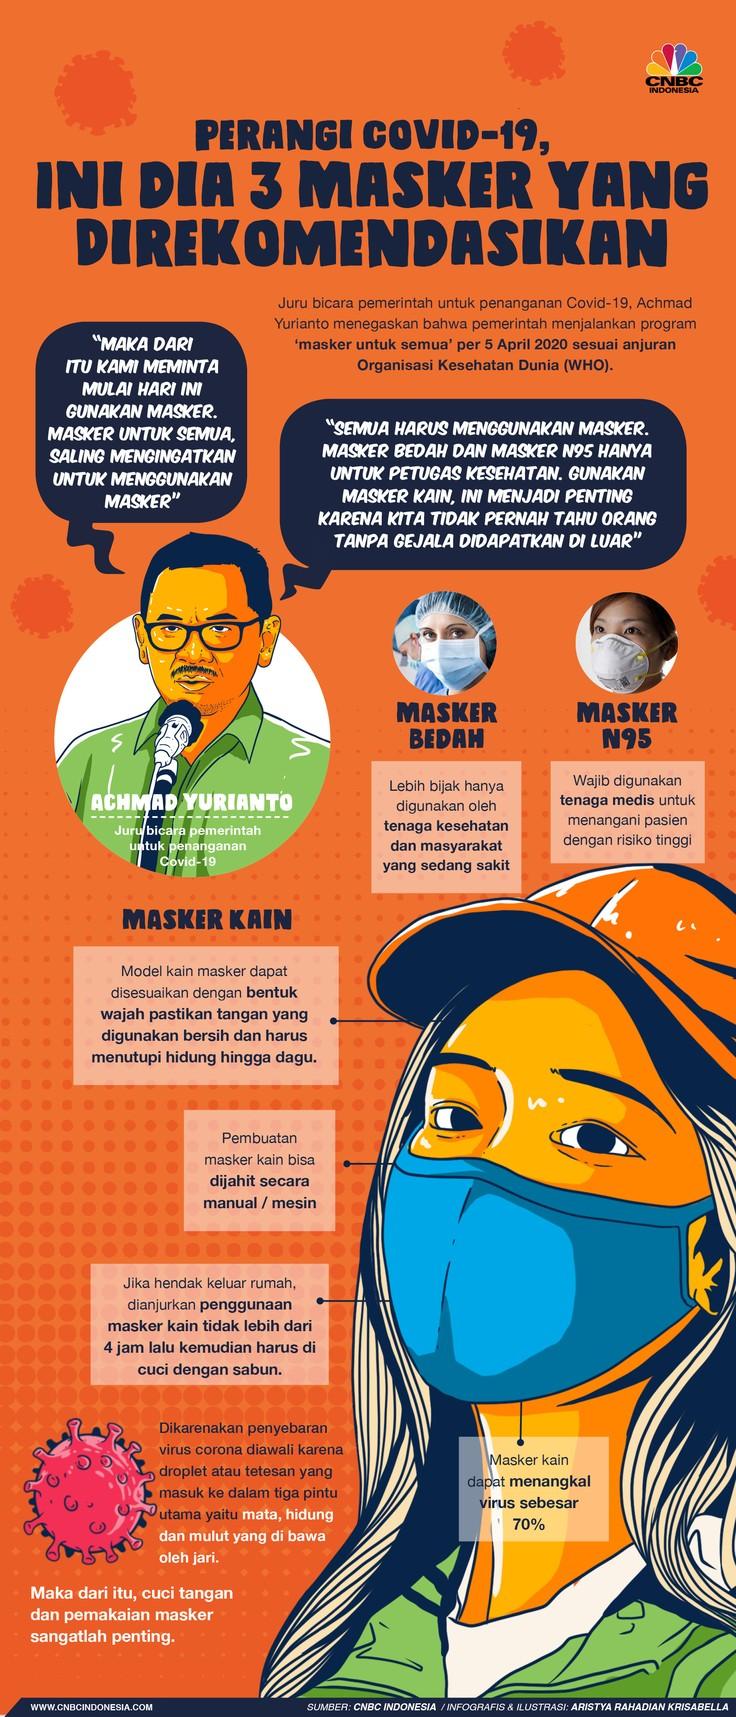 Ini 3 masker yang direkomendasikan di pandemi corona